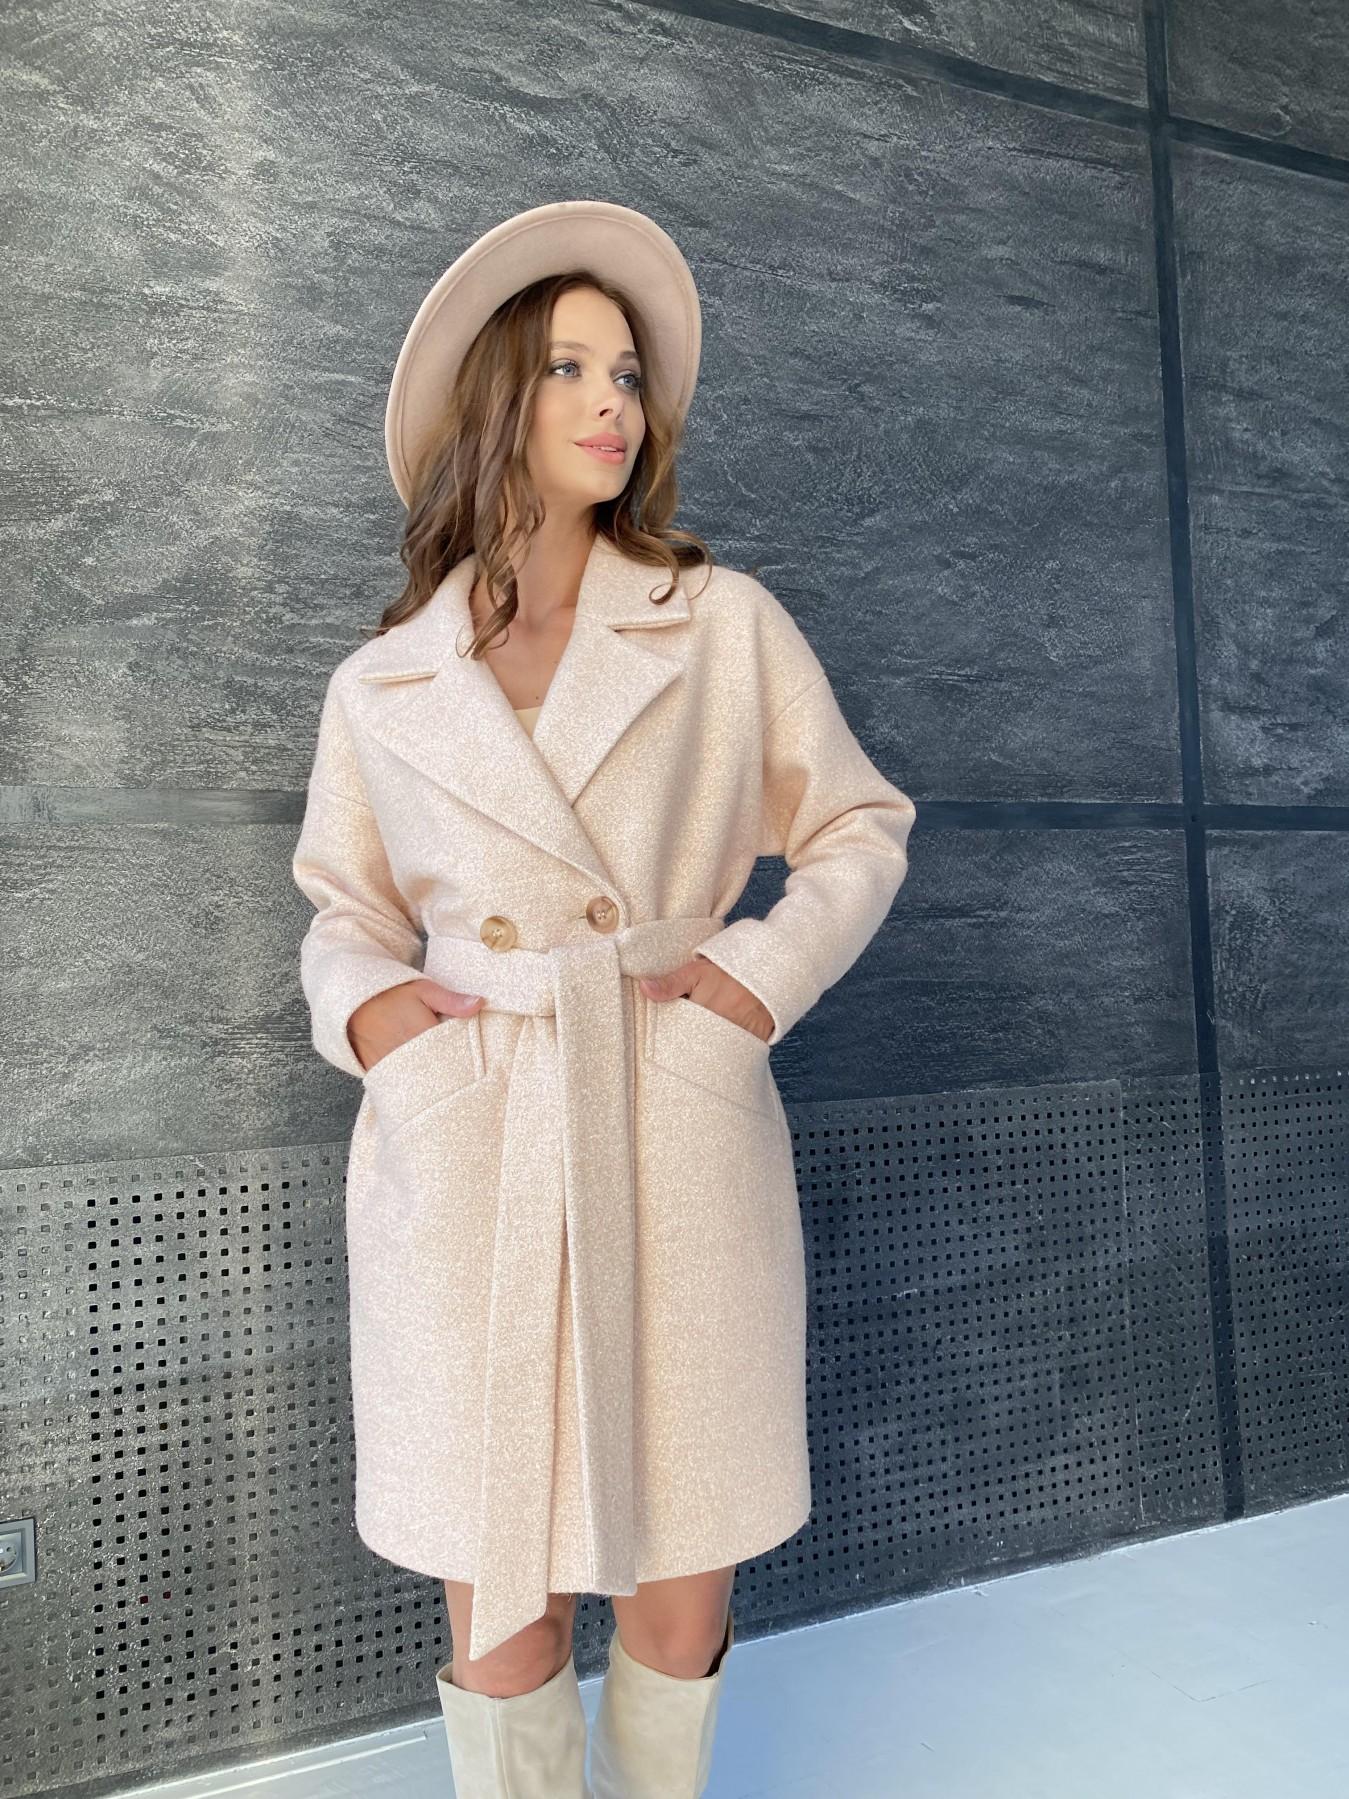 Сенсей пальто  шерсть букле мелкое пальтовая ткань 11647 АРТ. 48355 Цвет: Бежевый 30 - фото 9, интернет магазин tm-modus.ru